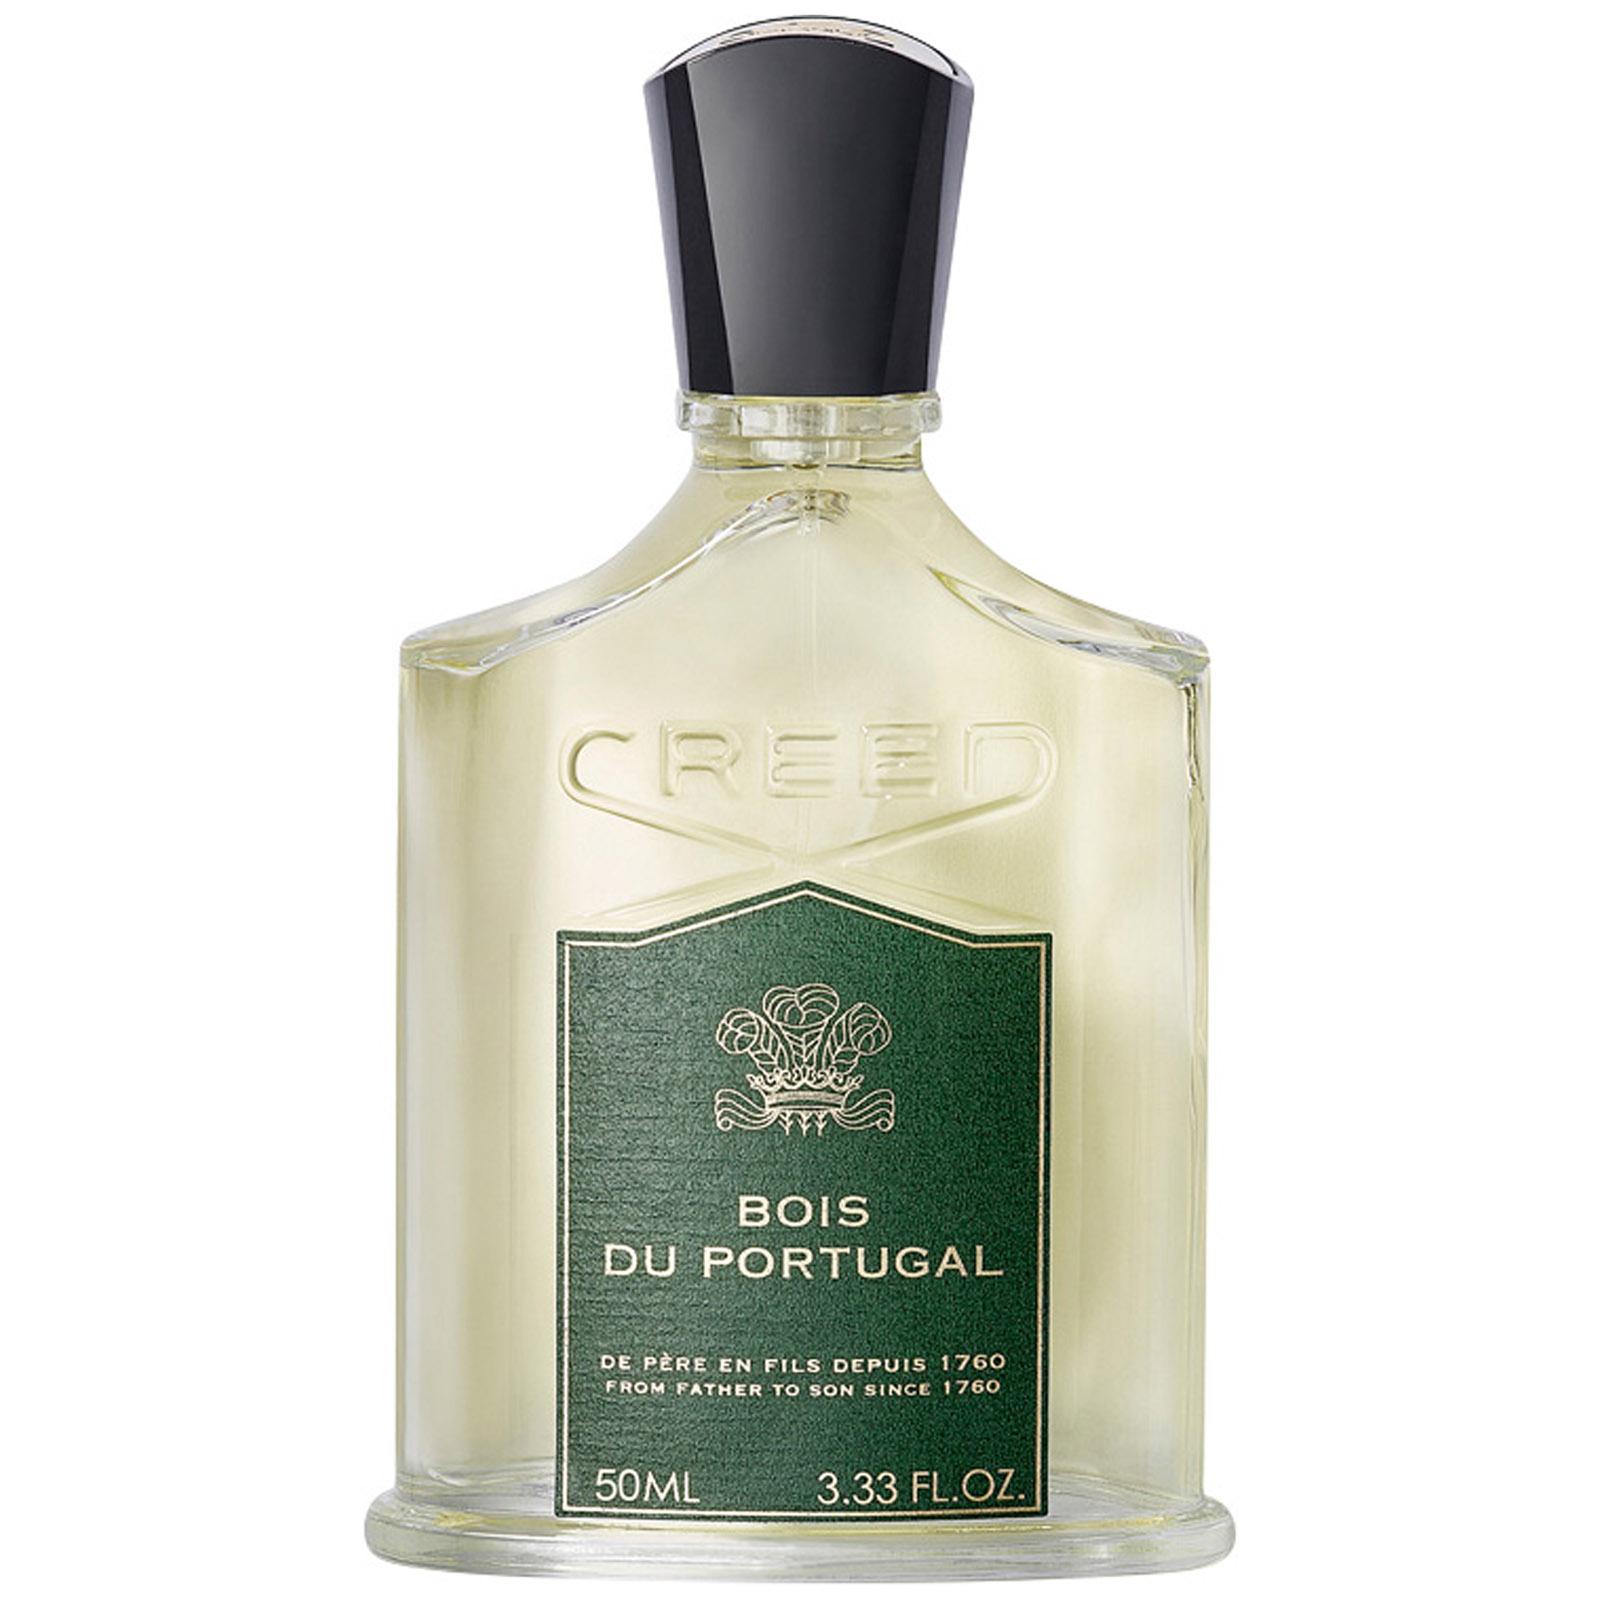 Creed Bois Du Portugal Perfume Eau De Parfum 50 ml In White